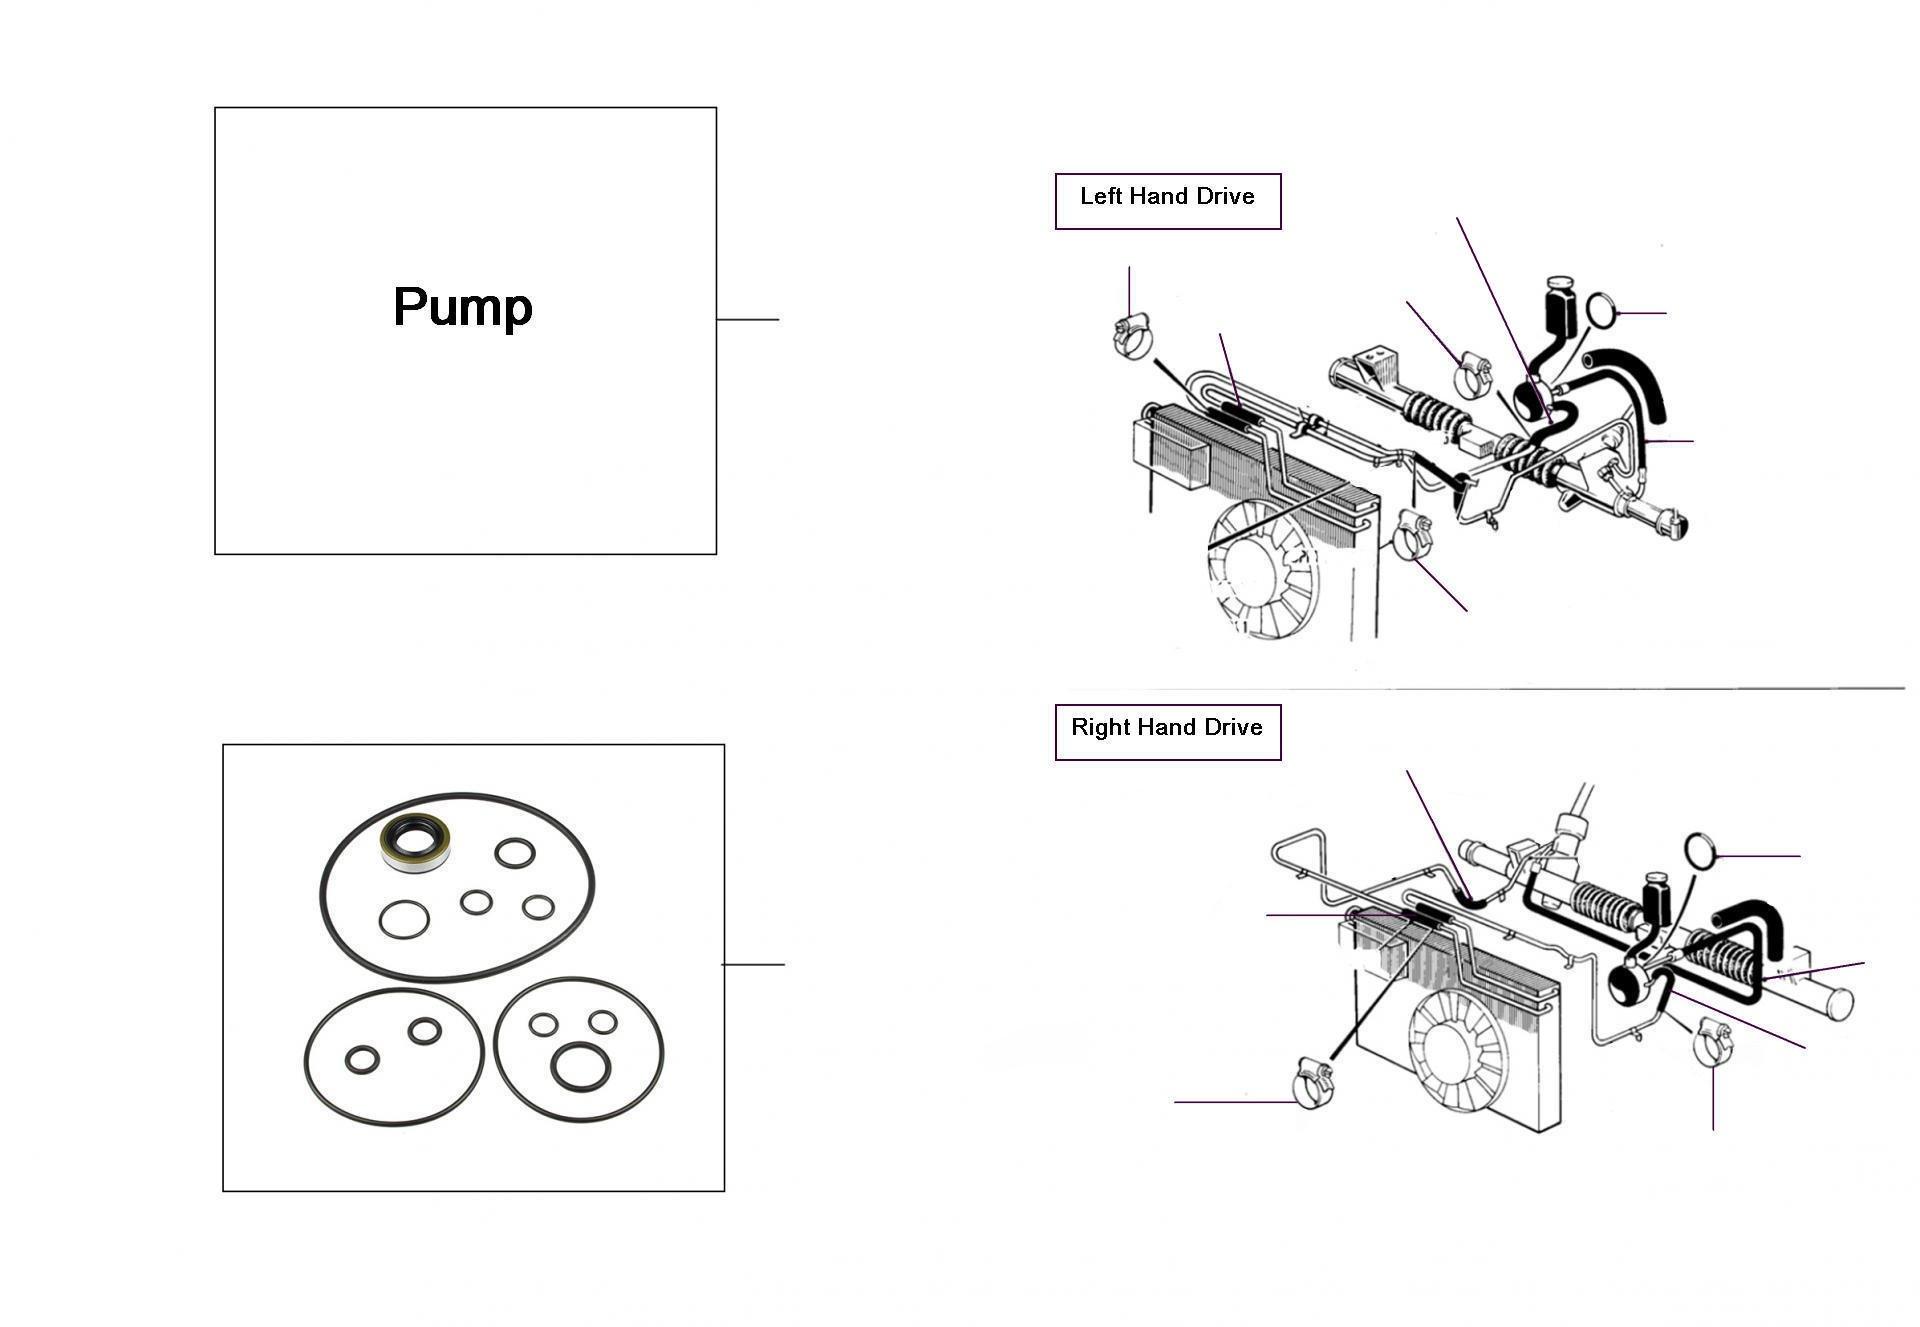 43047 Steering-Pump  10069-20000 - VIN 10069 till 20000